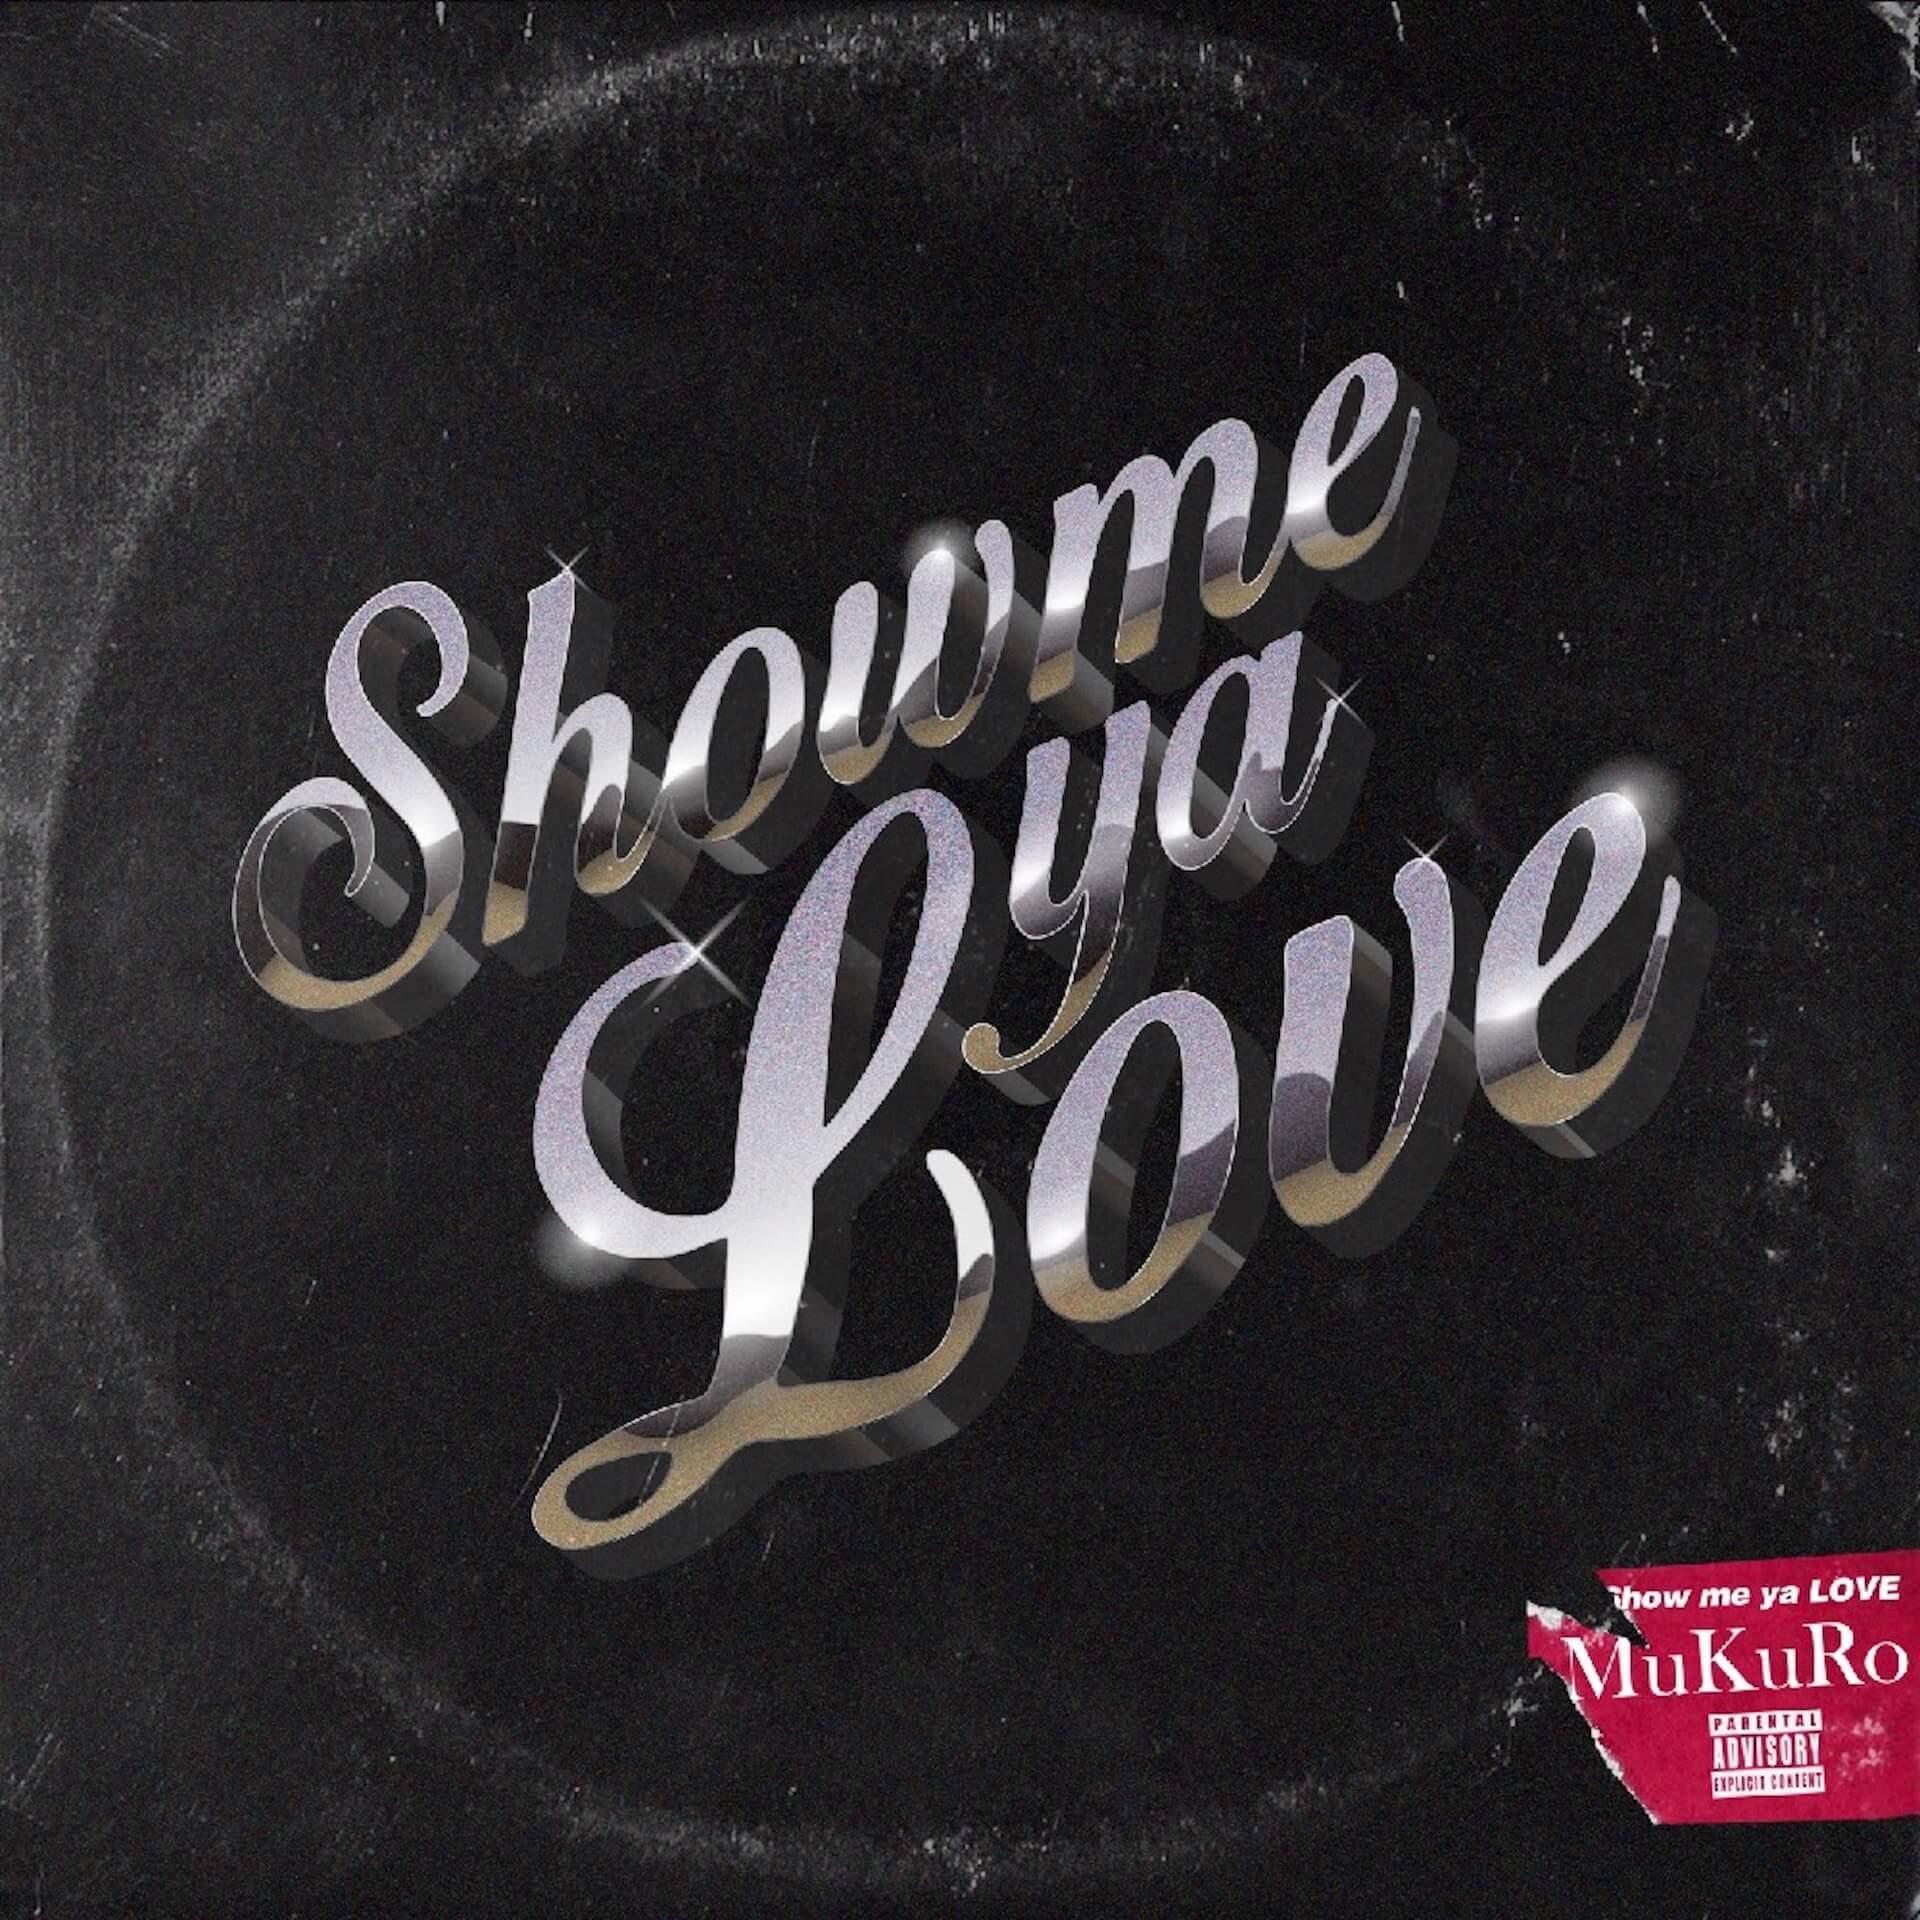 """唾奇ら所属のクルー""""604""""より、MuKuRoがillmoreプロデュースの最新シングル「Show me ya LOVE」をリリース! music200214_mukuro_2"""